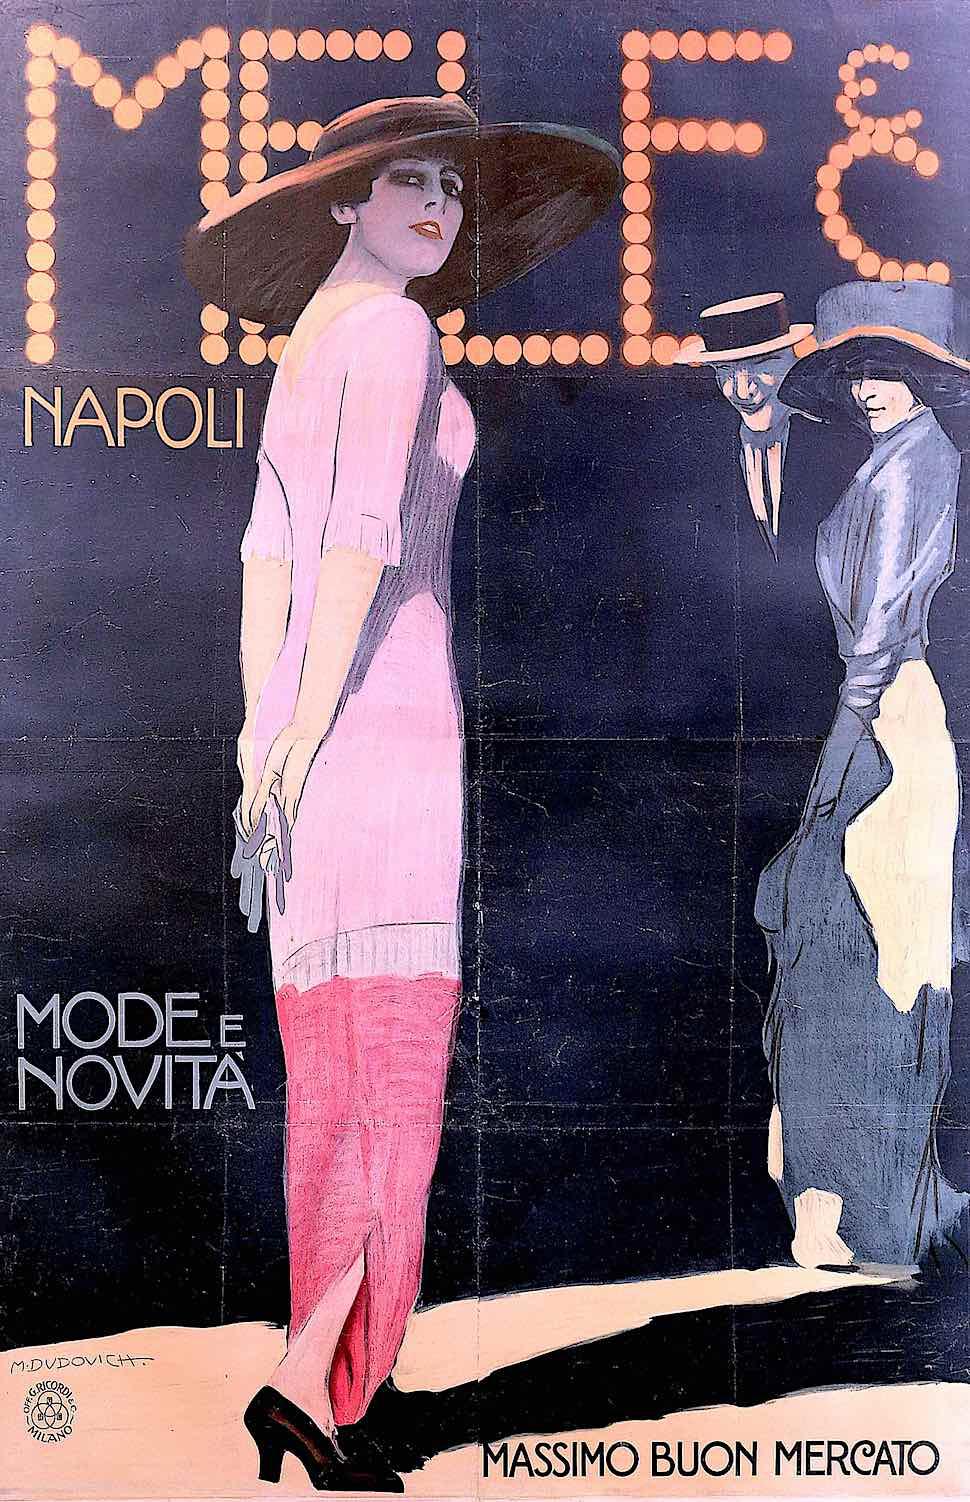 a 1911 Marcello Dudovich illustration of a pretty woman in Napoli, Mode e Novita